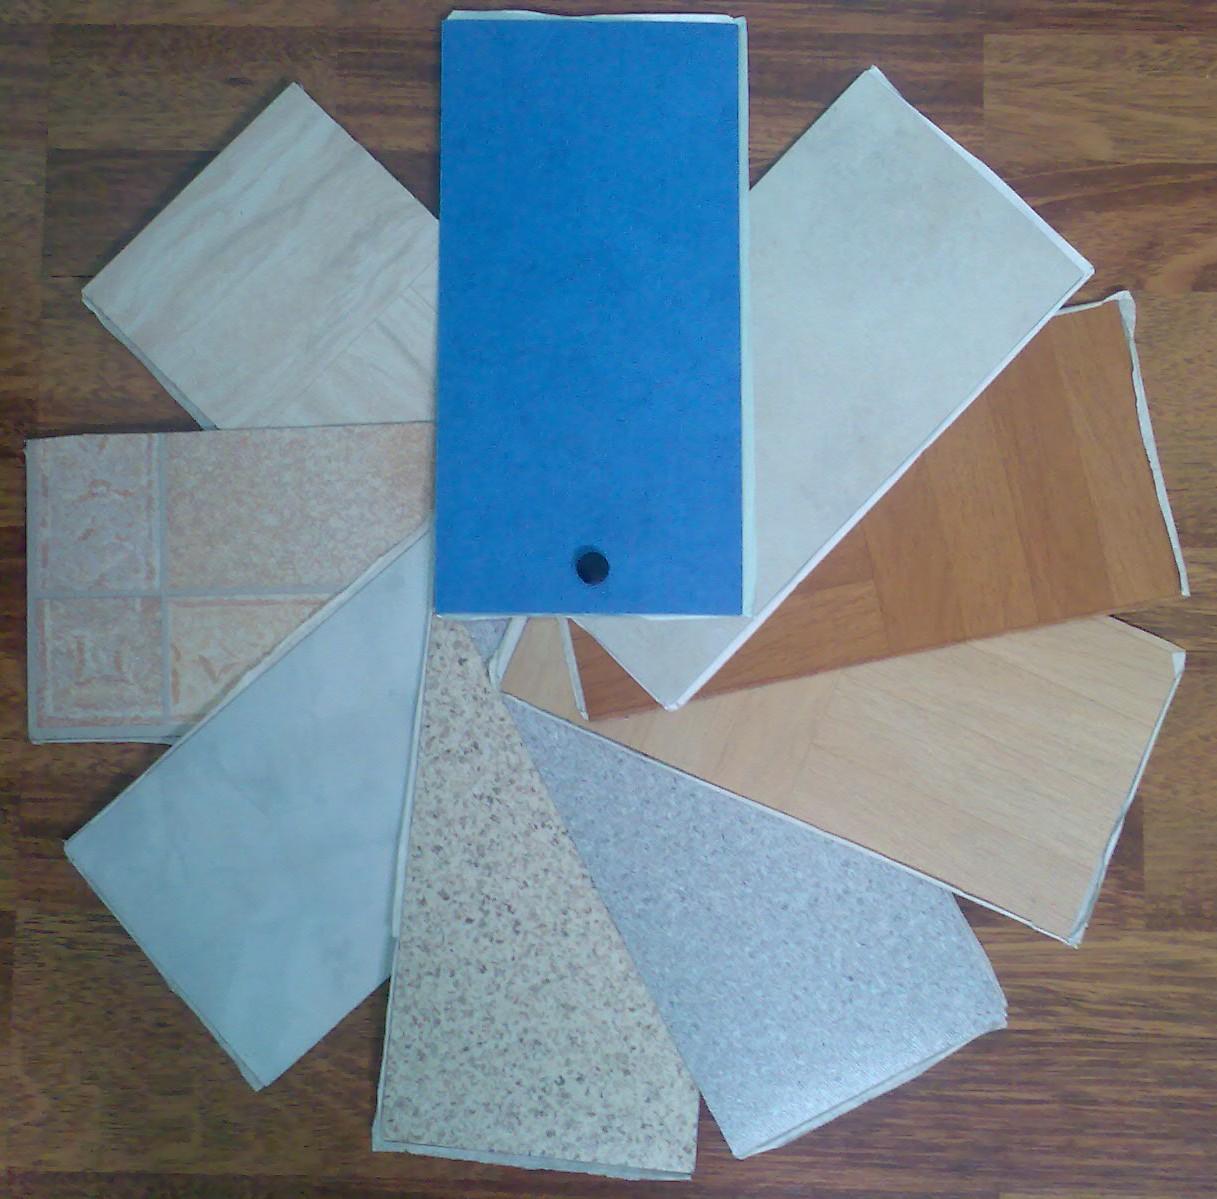 Piastrelle linoleum autoadesive 28 images piastrelle for Piastrelle in pvc per bagno